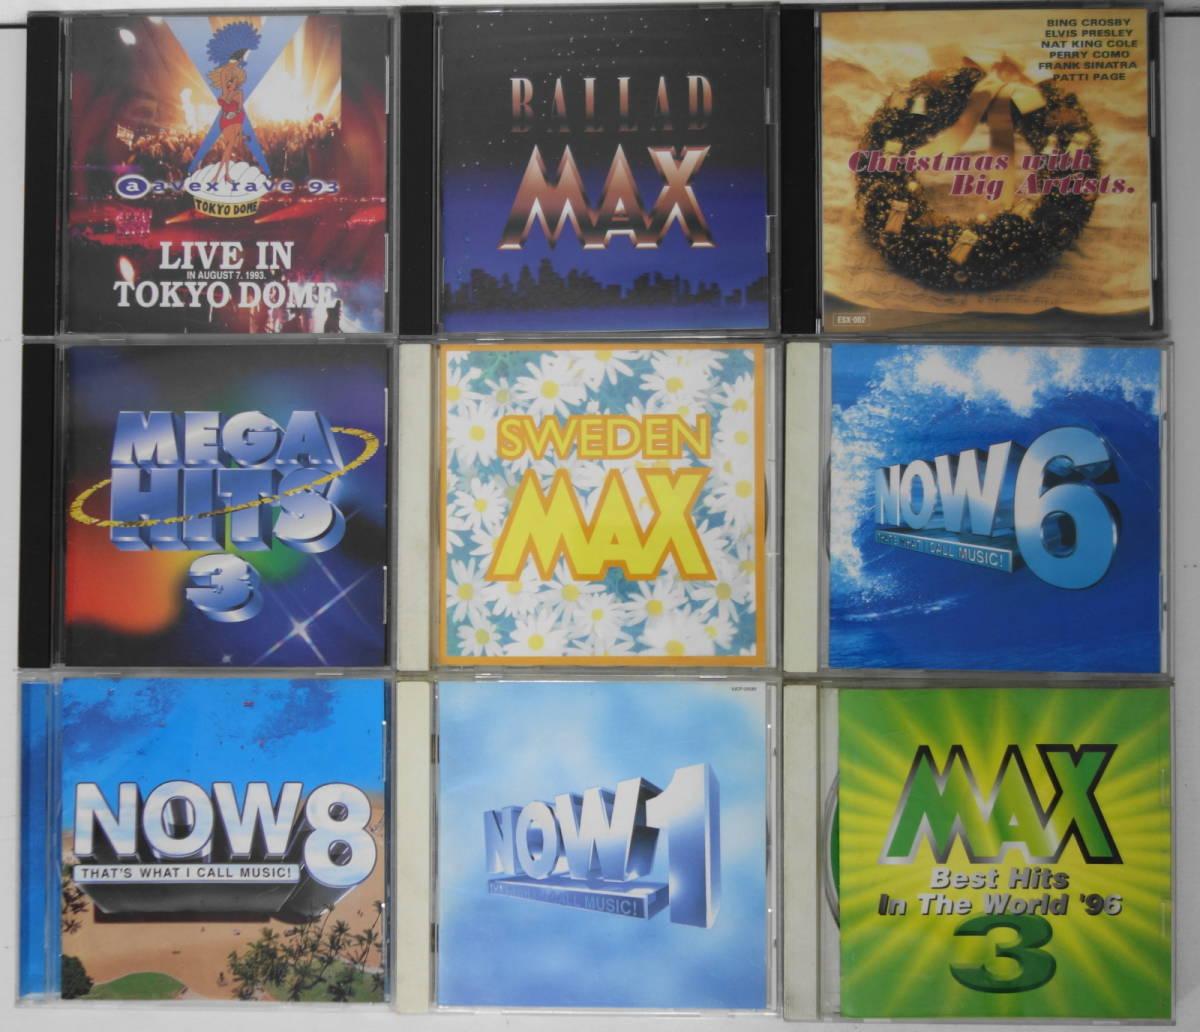 ダンス系CD 大量 41枚 まとめて セット ダンスマニア トランス エイベックス ユーロビート WOW MAX レゲエ ディスコ クラブ ベルファーレ_画像3